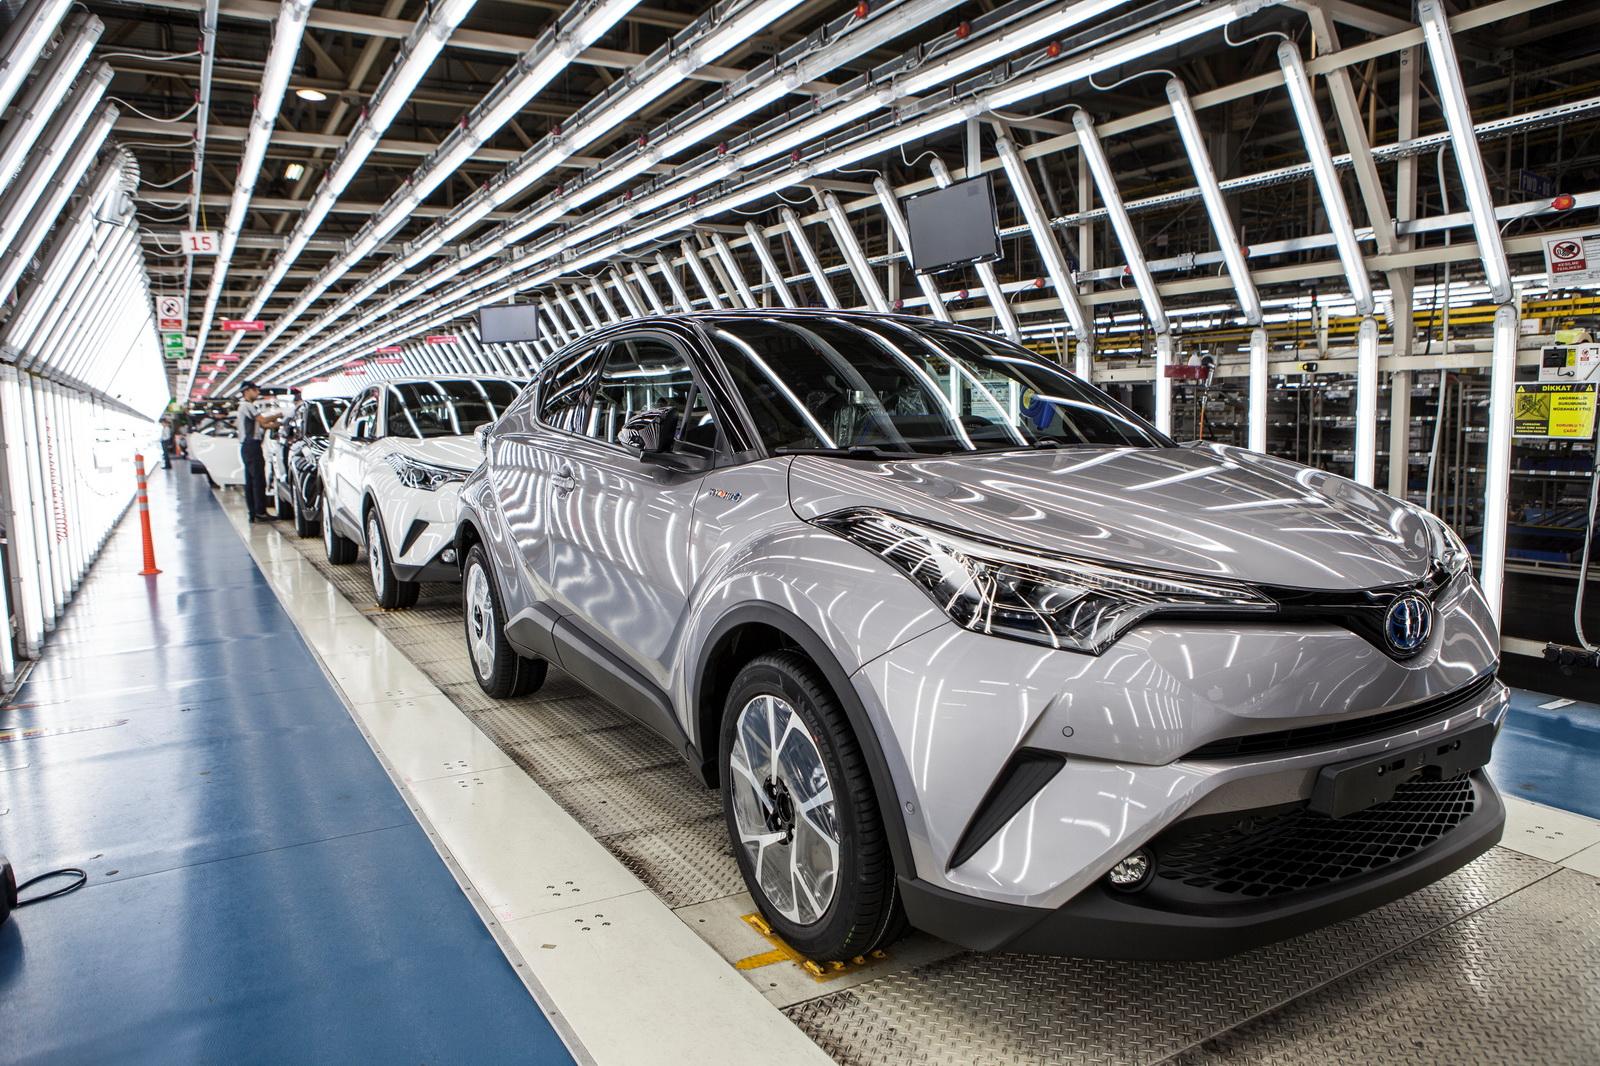 سعودي شفت » شركات السيارات » تويوتا » تويوتا تبدأ في إنتاج C-HR الجديدة كلياً في تركيا